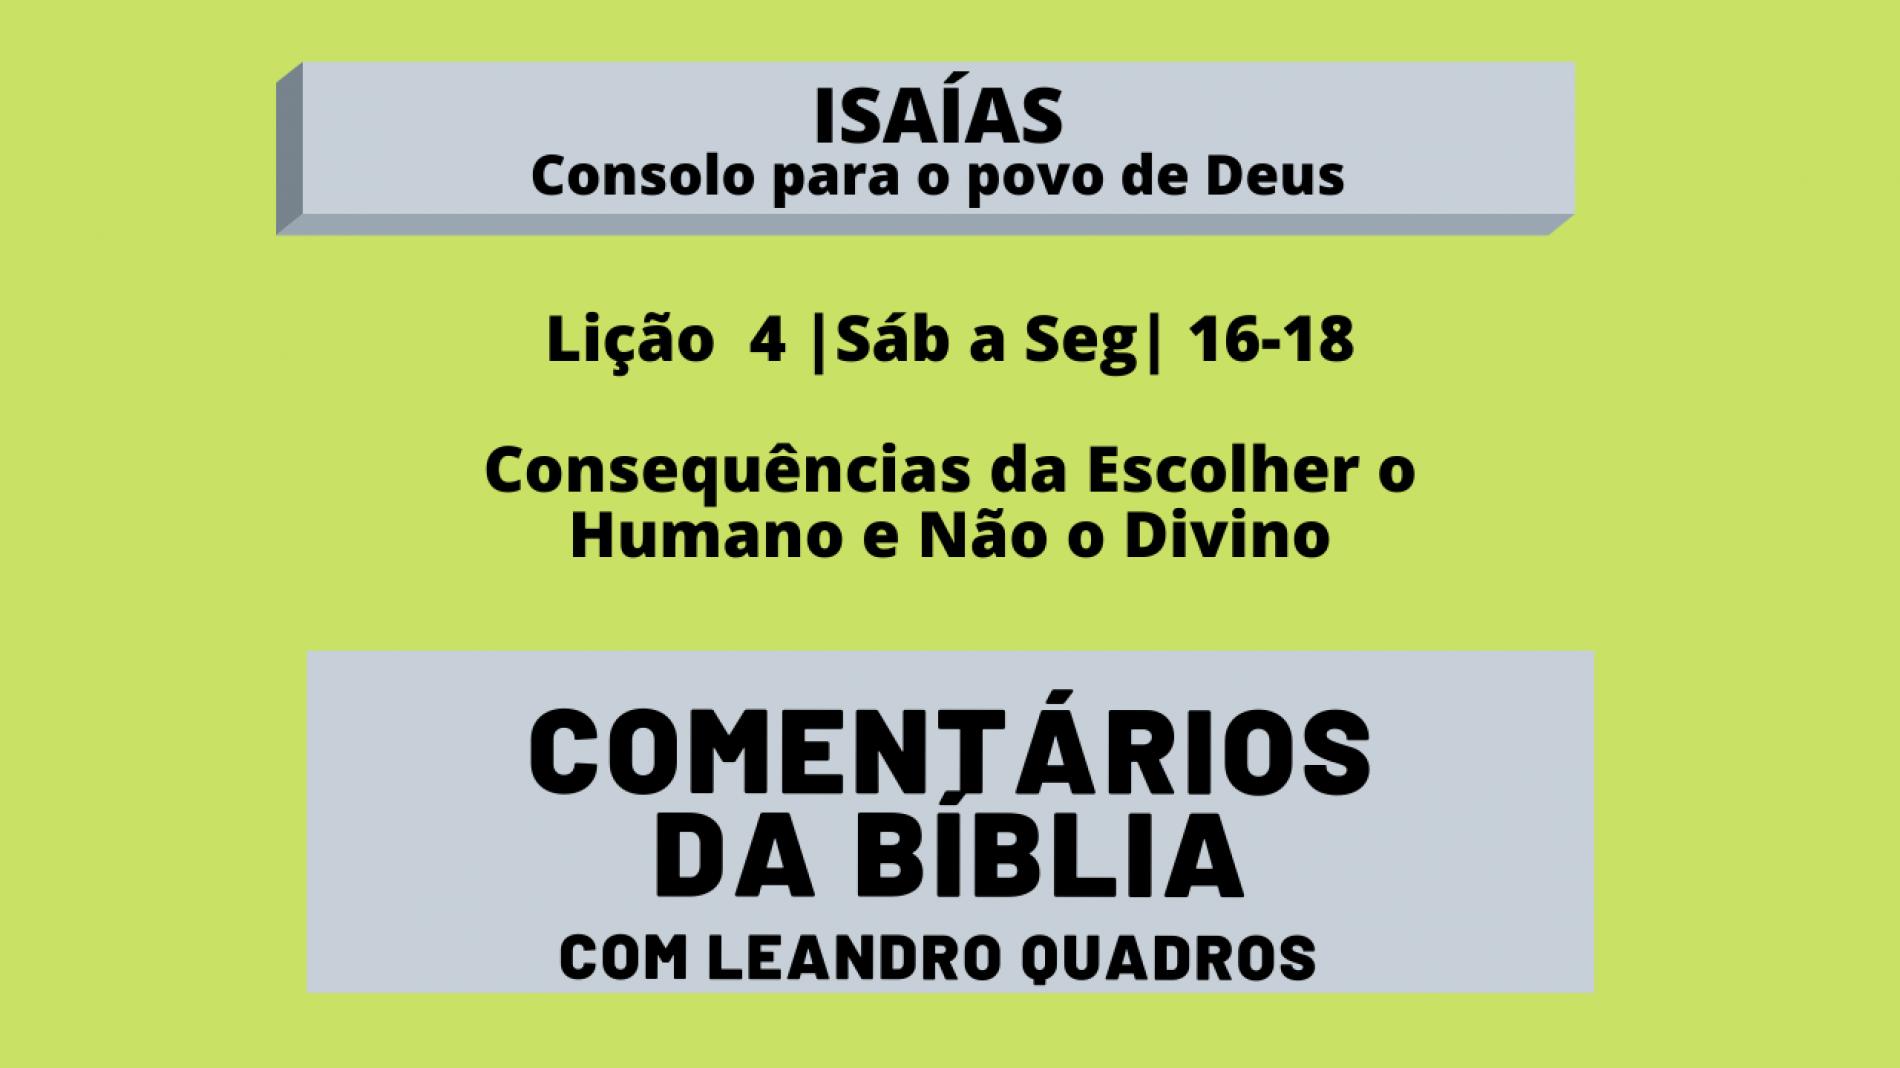 Sábado a Segunda |16-18/1| Consequências da Escolher o Humano e Não o Divino Lição 4